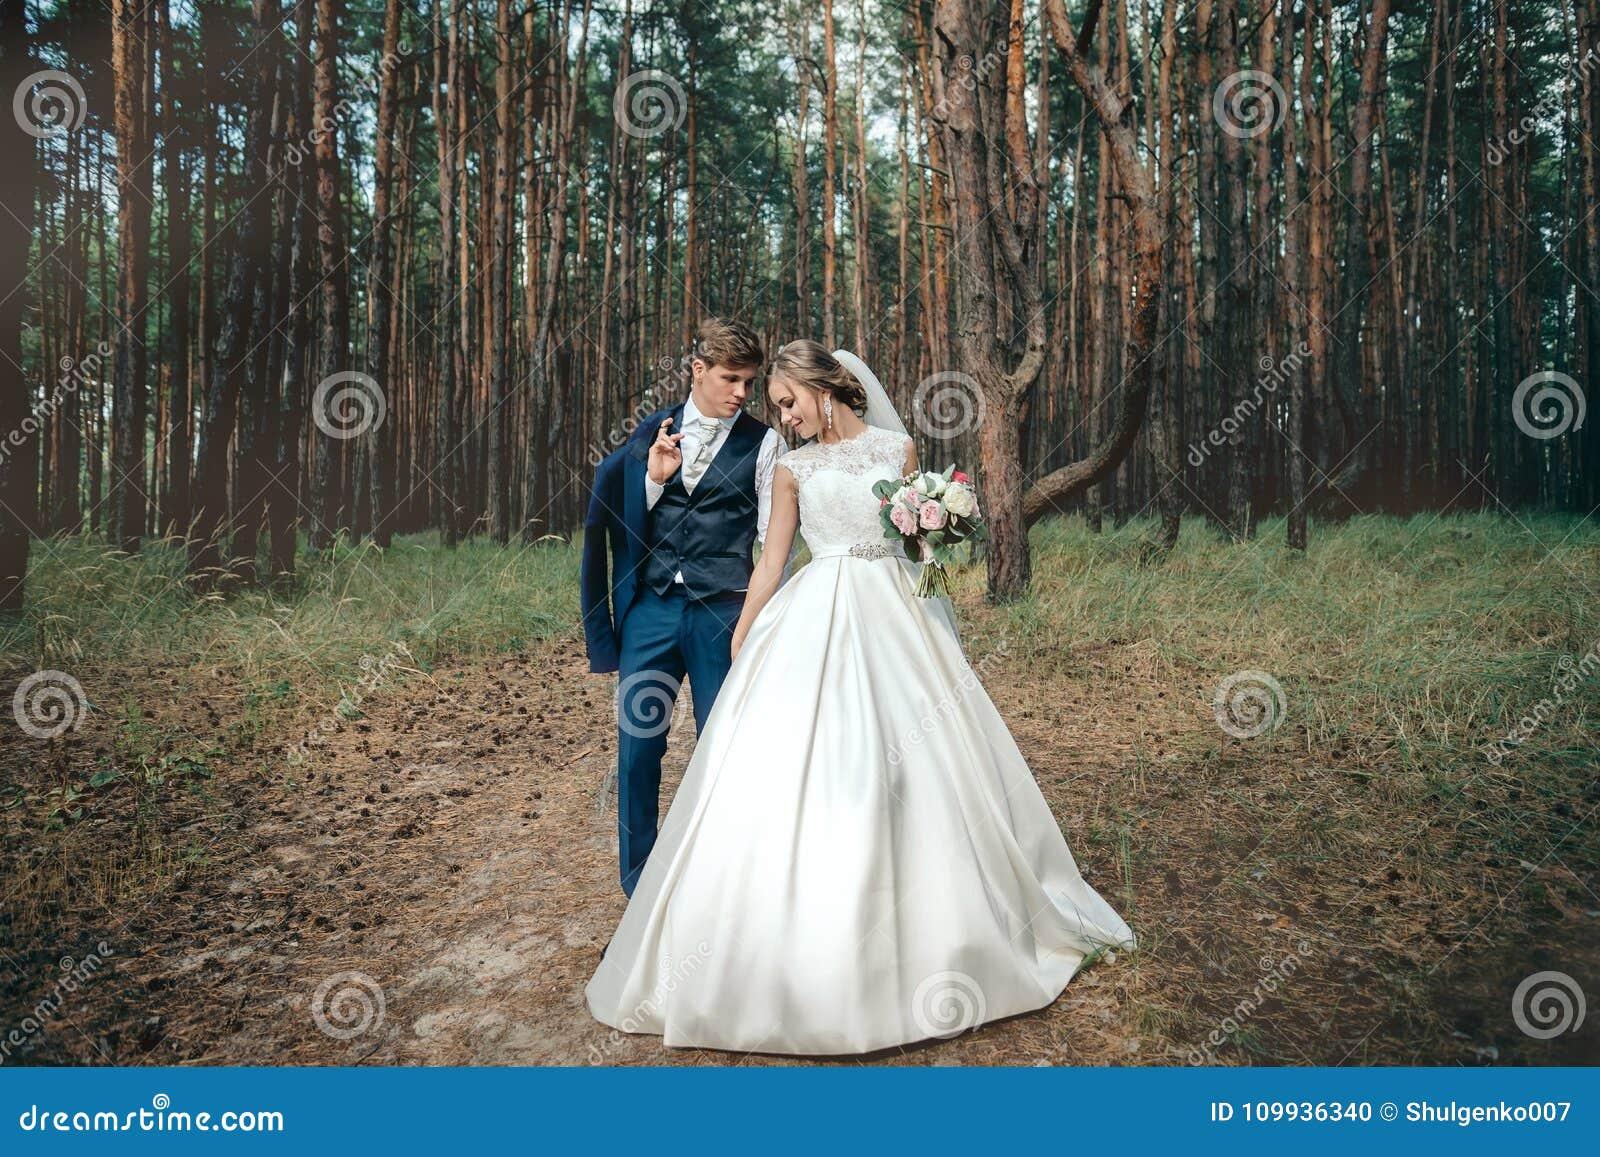 Η νύφη και ο νεόνυμφος στο γάμο ντύνουν στο φυσικό υπόβαθρο Εμείς